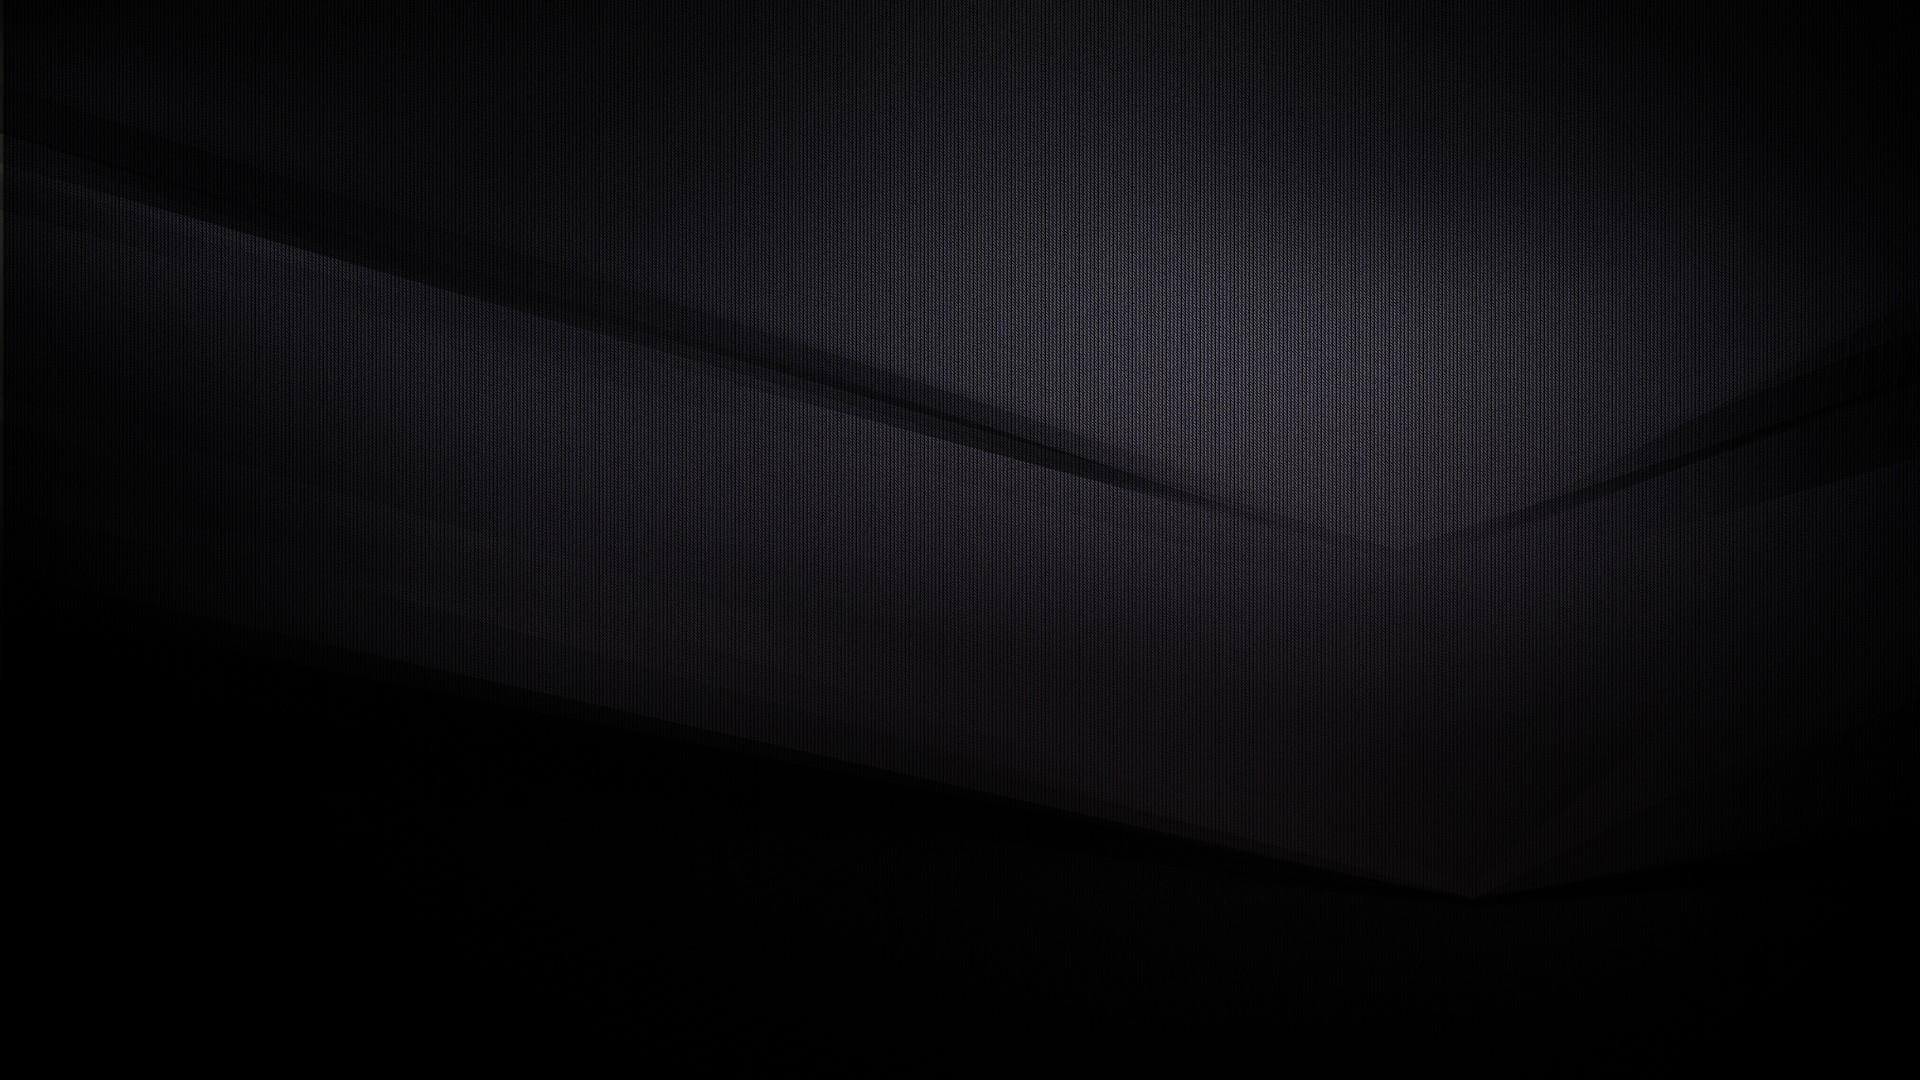 Black Wallpaper 1920x1080 - WallpaperSafari